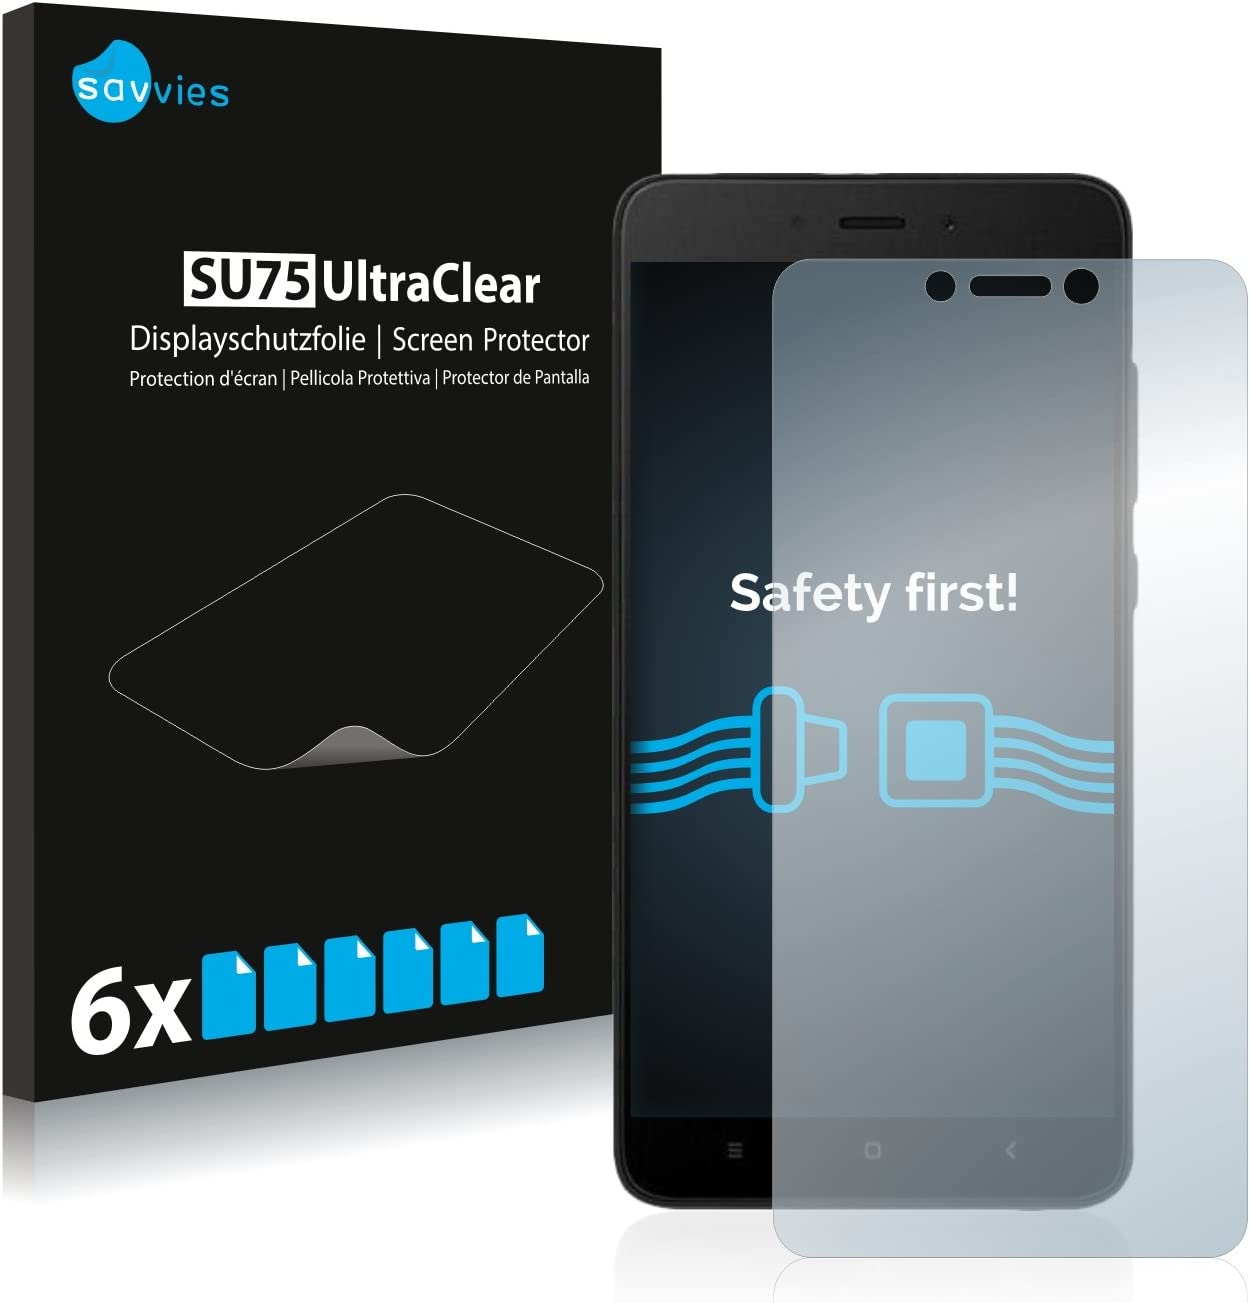 savvies Protector Pantalla Compatible con Xiaomi Redmi Note 4X (6 Unidades) Pelicula Ultra Transparente: Amazon.es: Electrónica